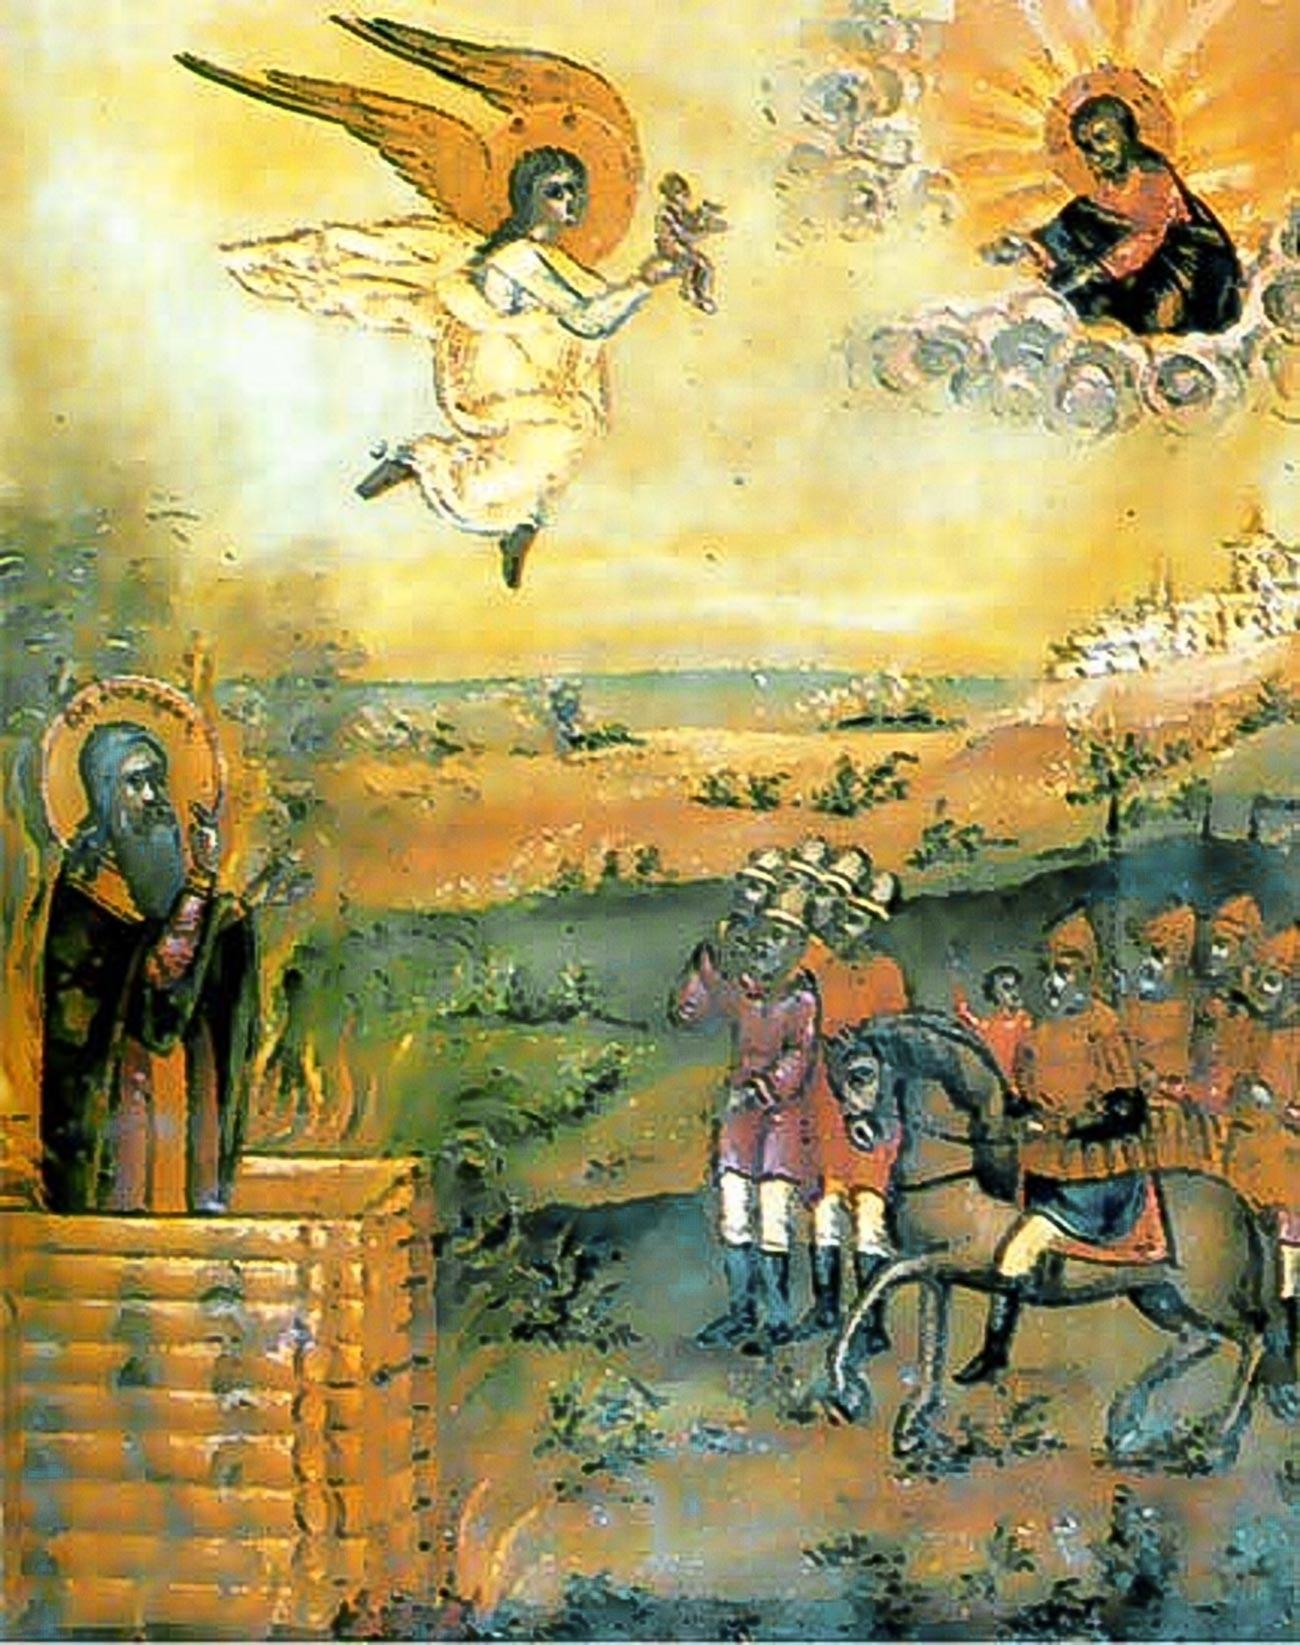 La morte di Avvakum Petrov, icona del XIX secolo